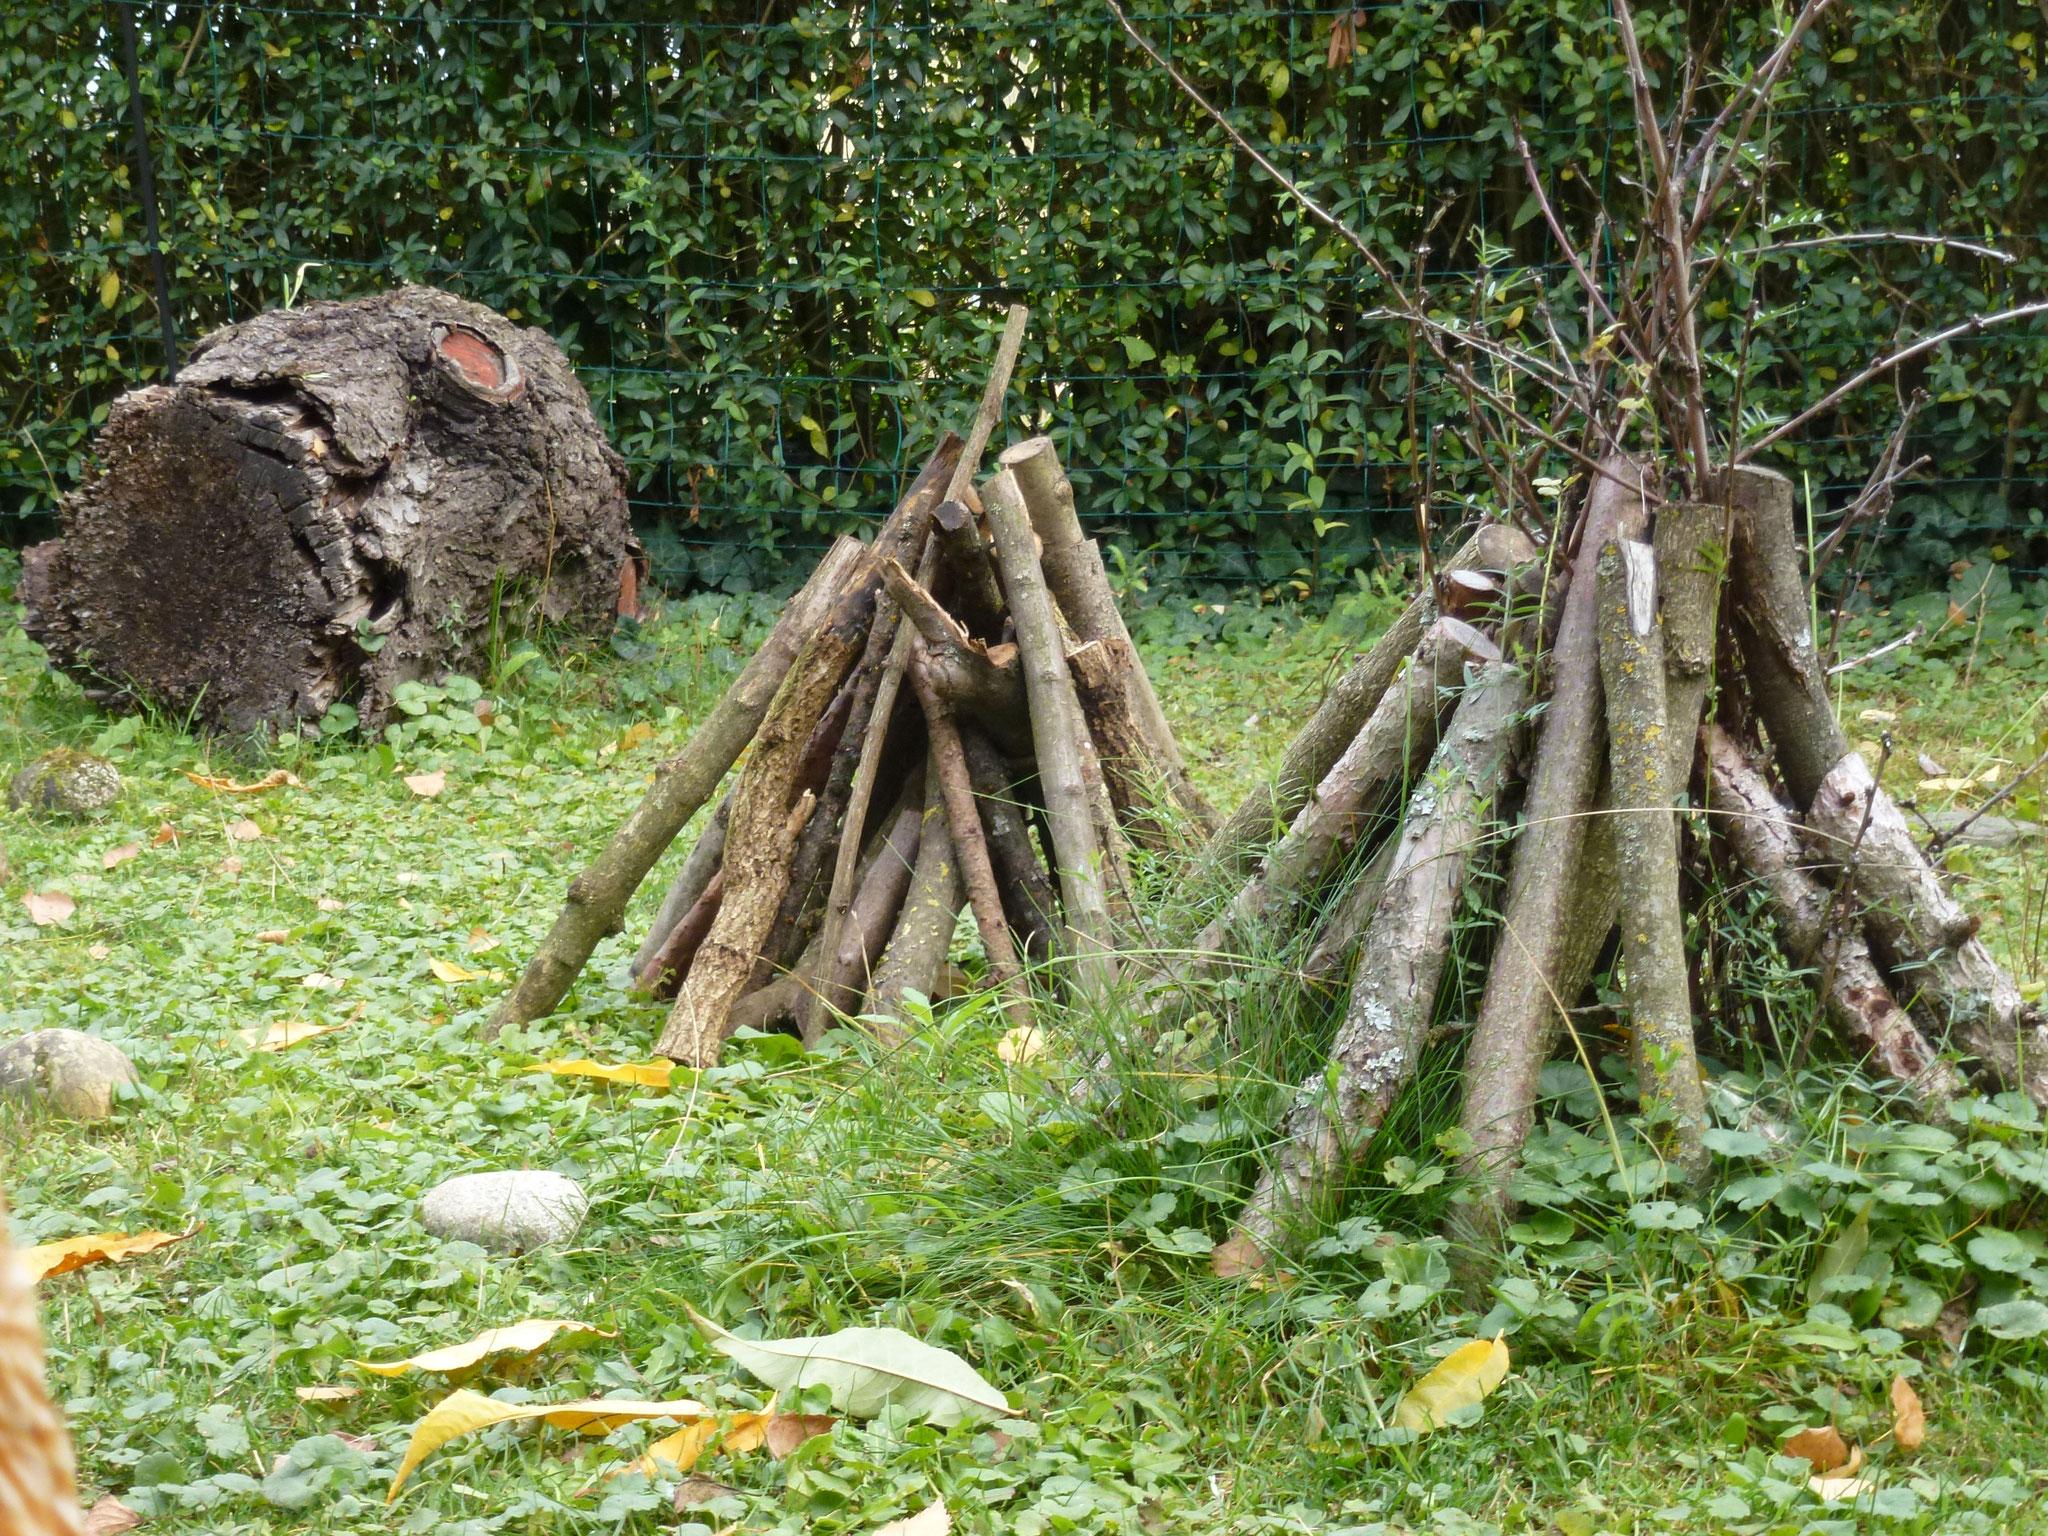 Mehrere Totholz-Tipis zusammen sehen im Garten sehr hübsch aus!